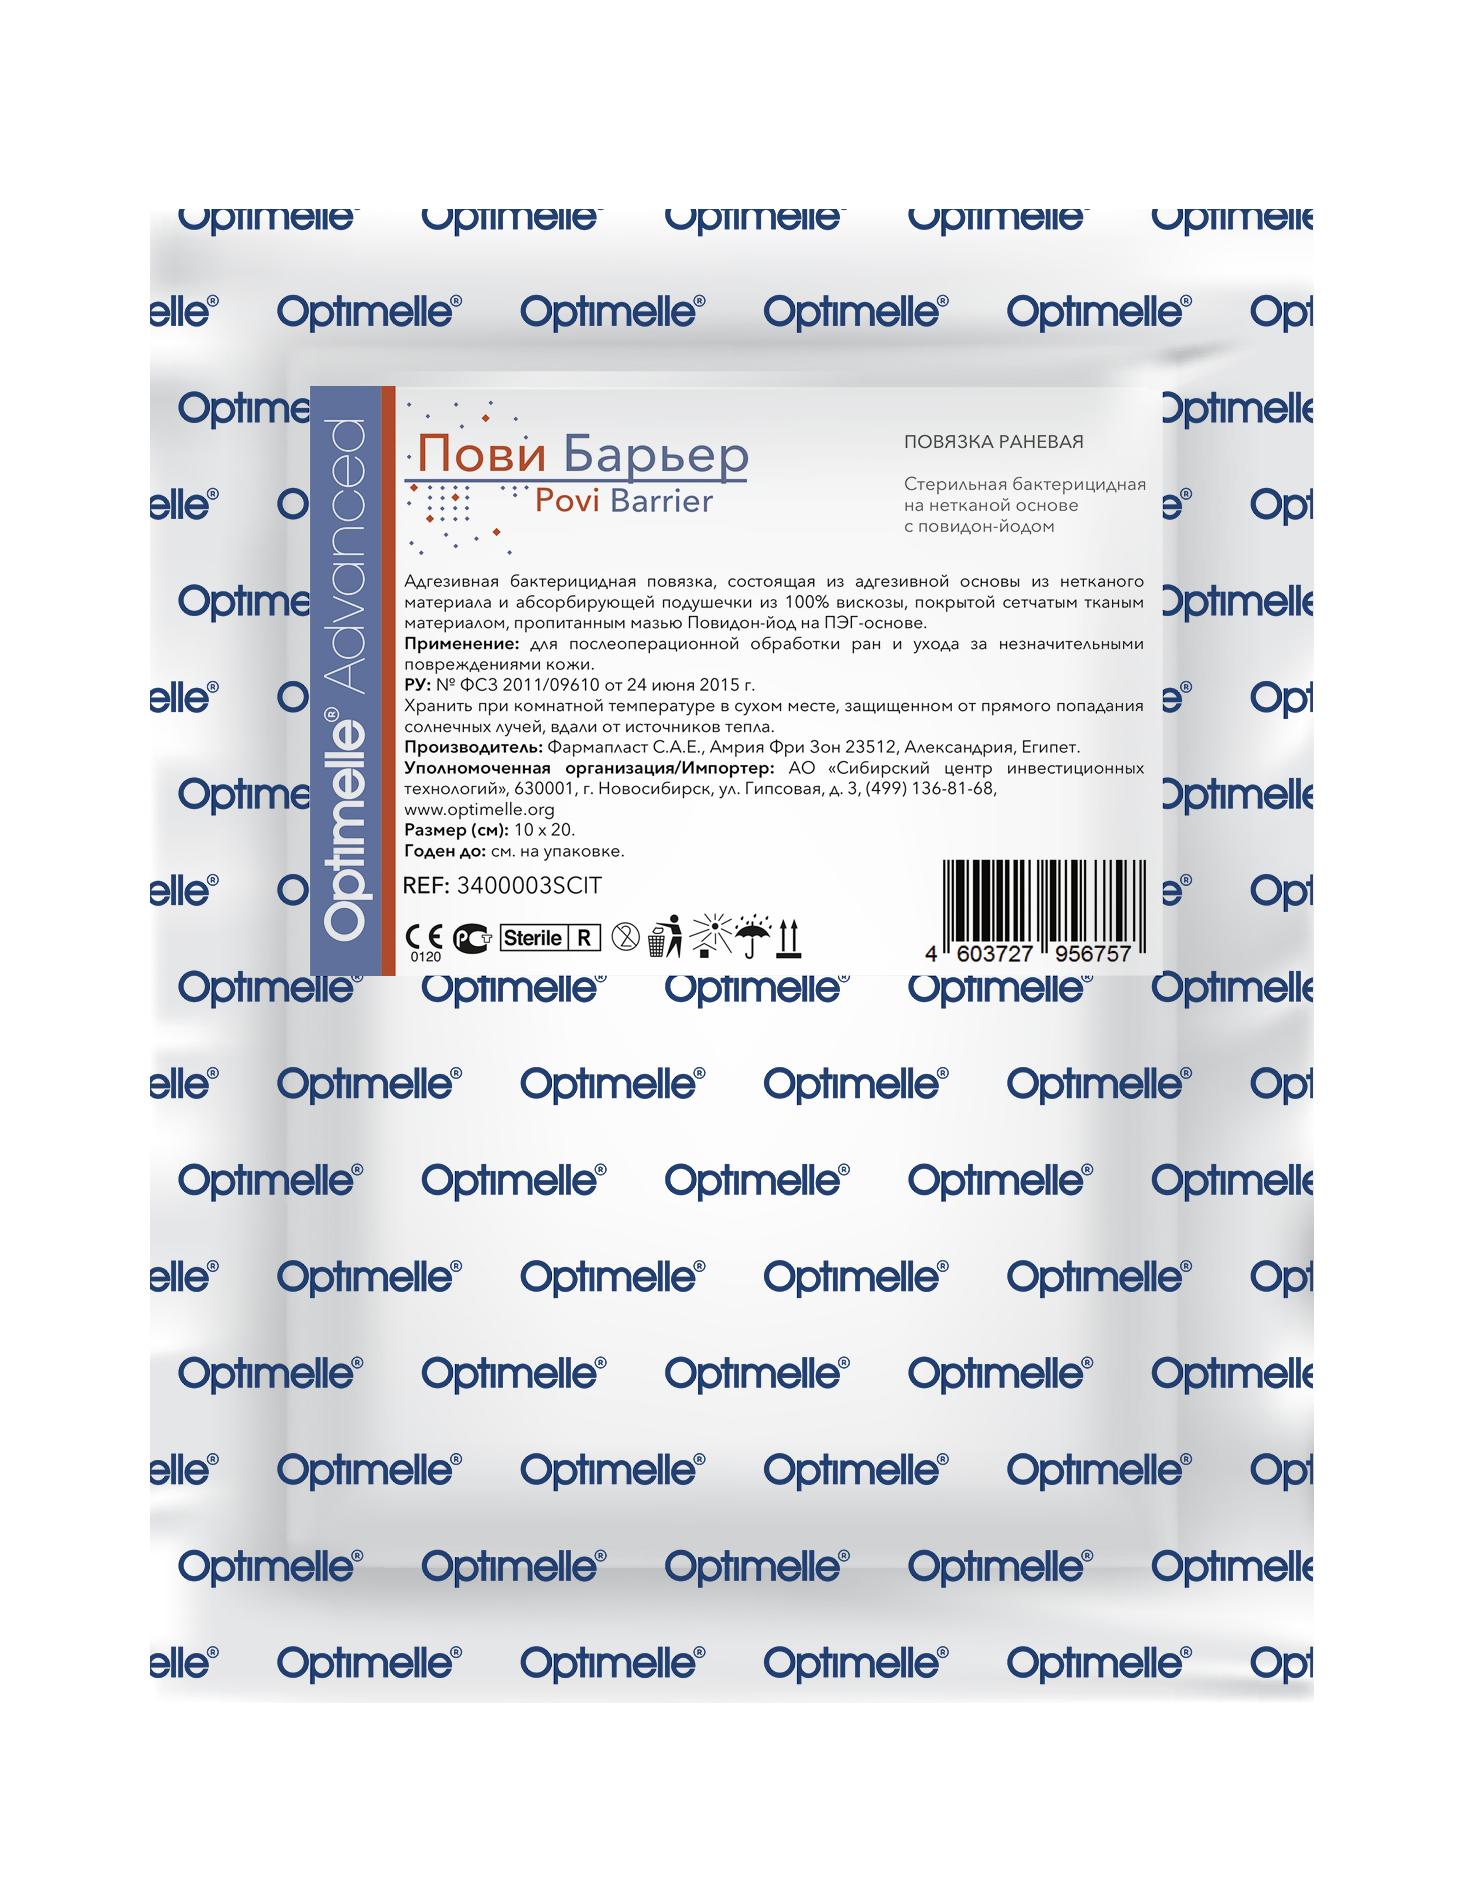 Повязка с повидон-йодом послеоперационная пластырная Пови Барьер 10х20 см